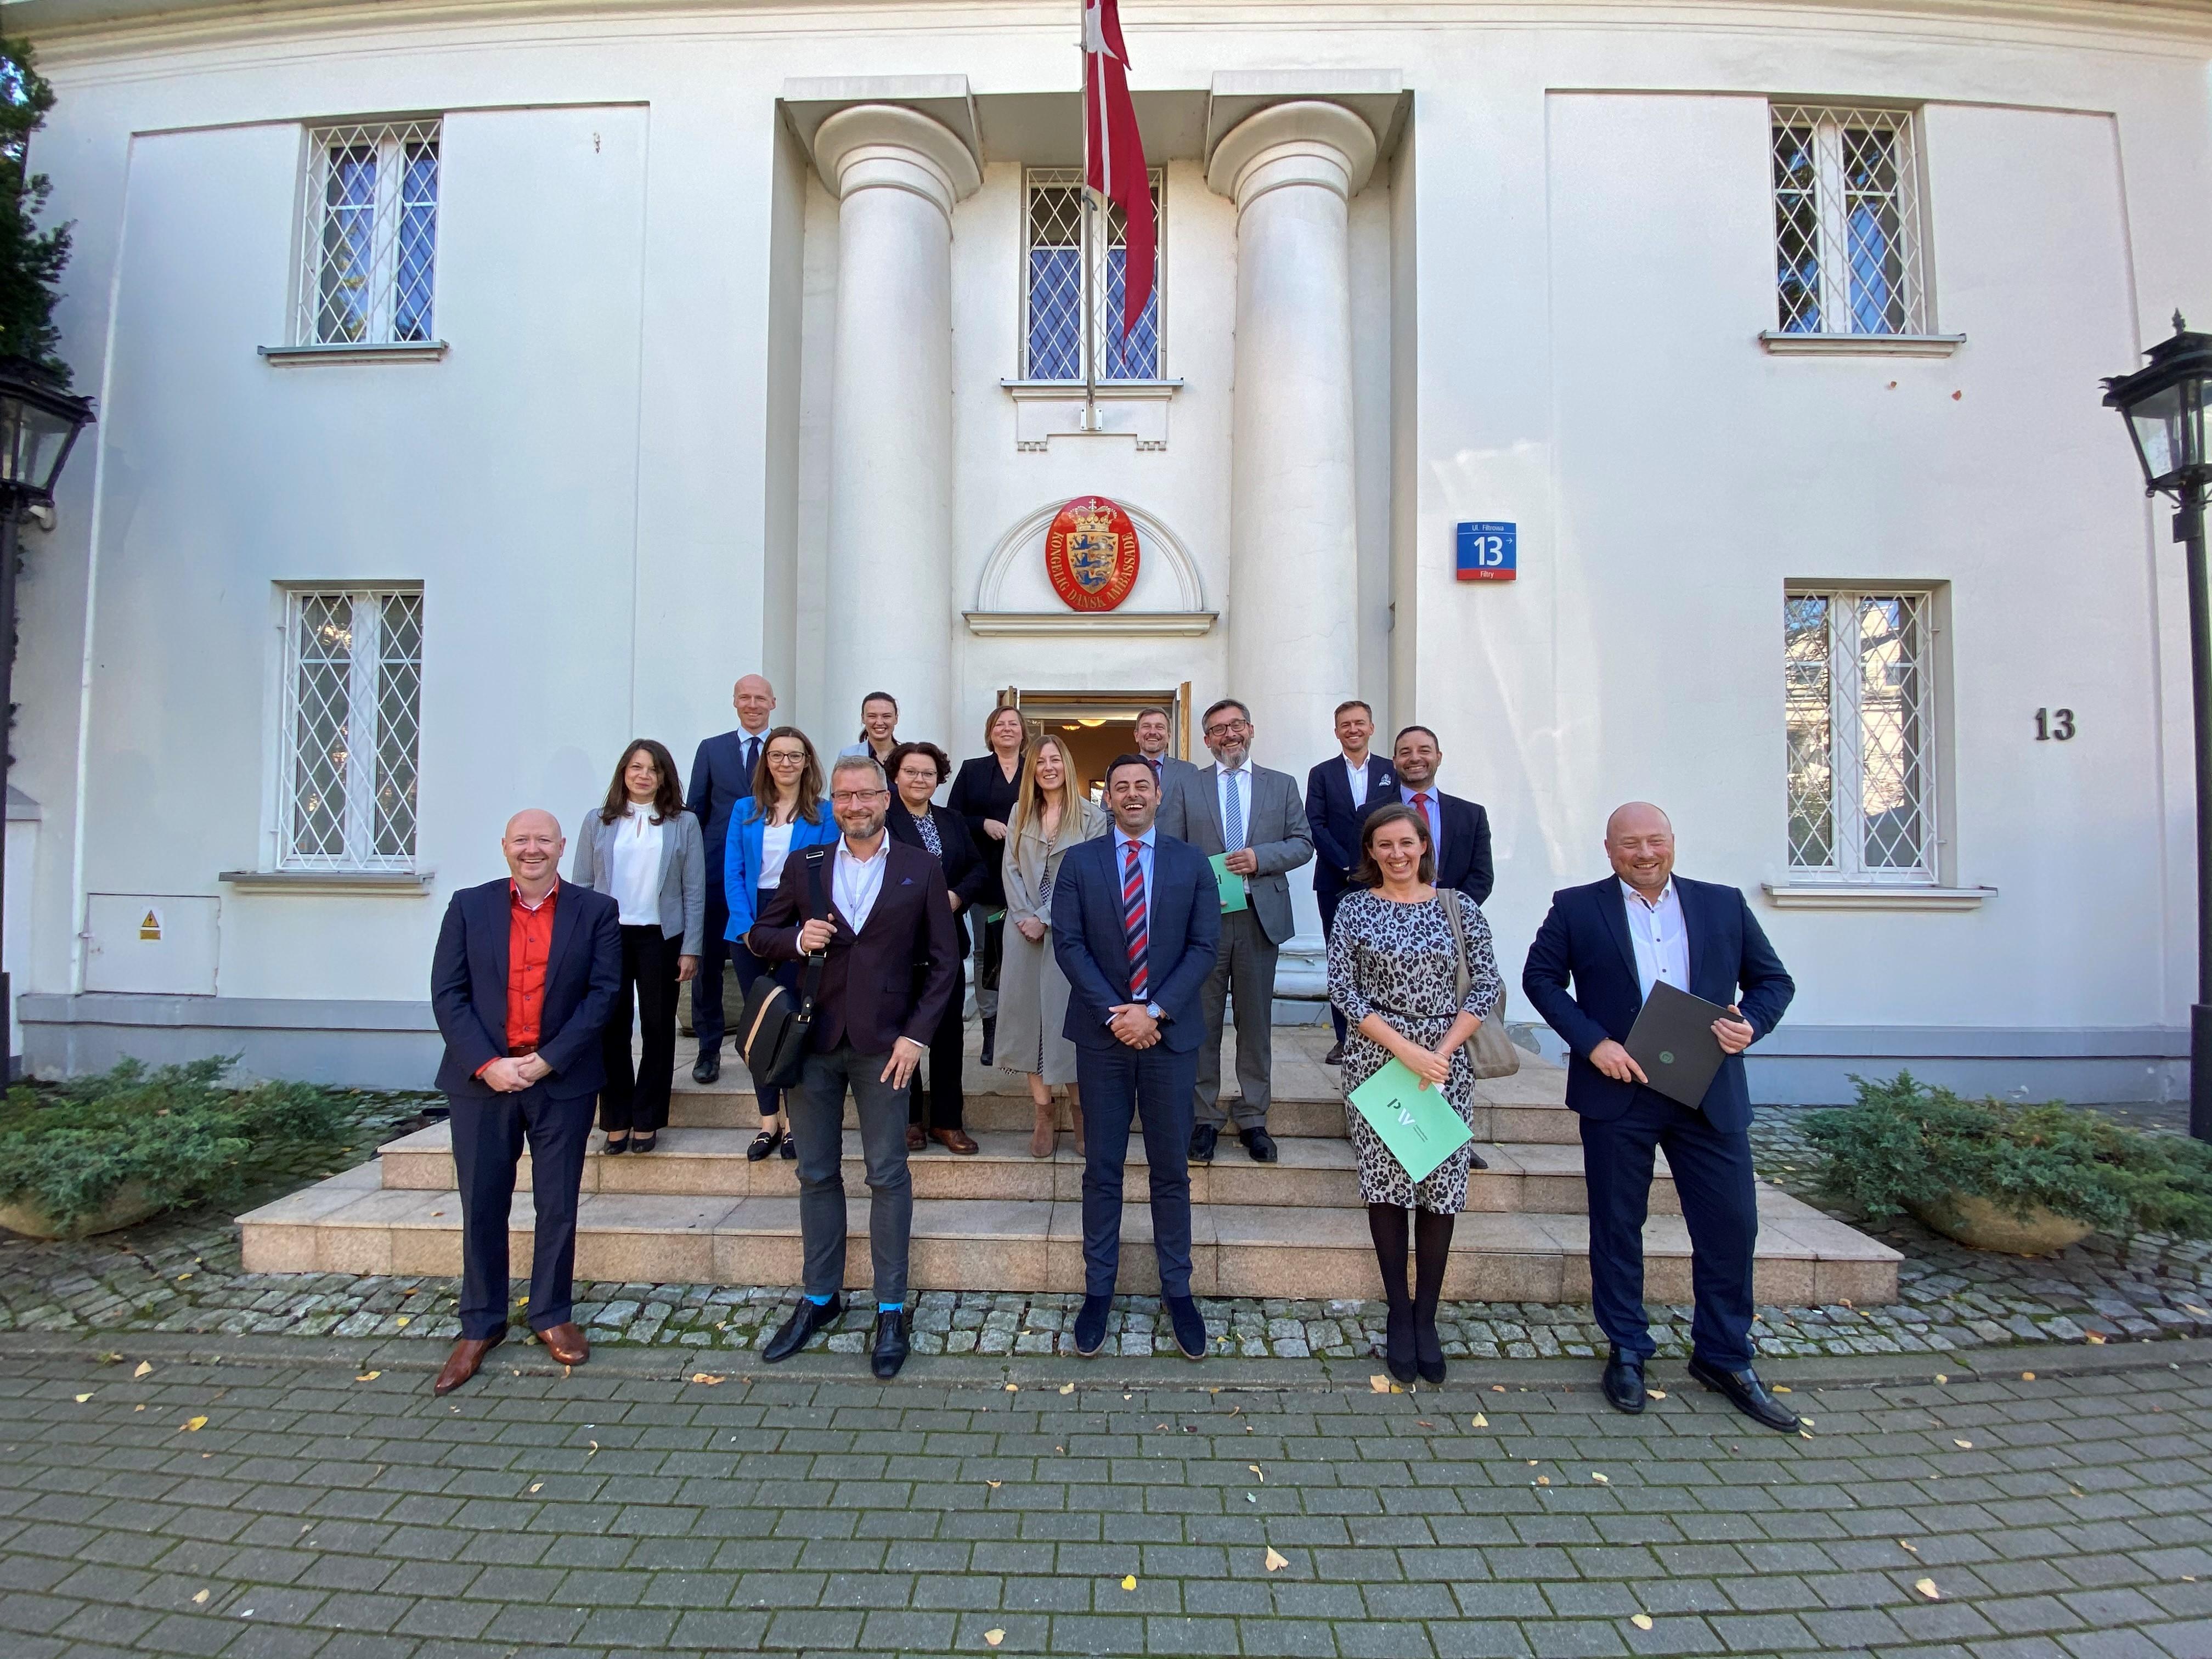 Wizyta Biura Karier PW w rezydencji Ambasadora Królestwa Danii